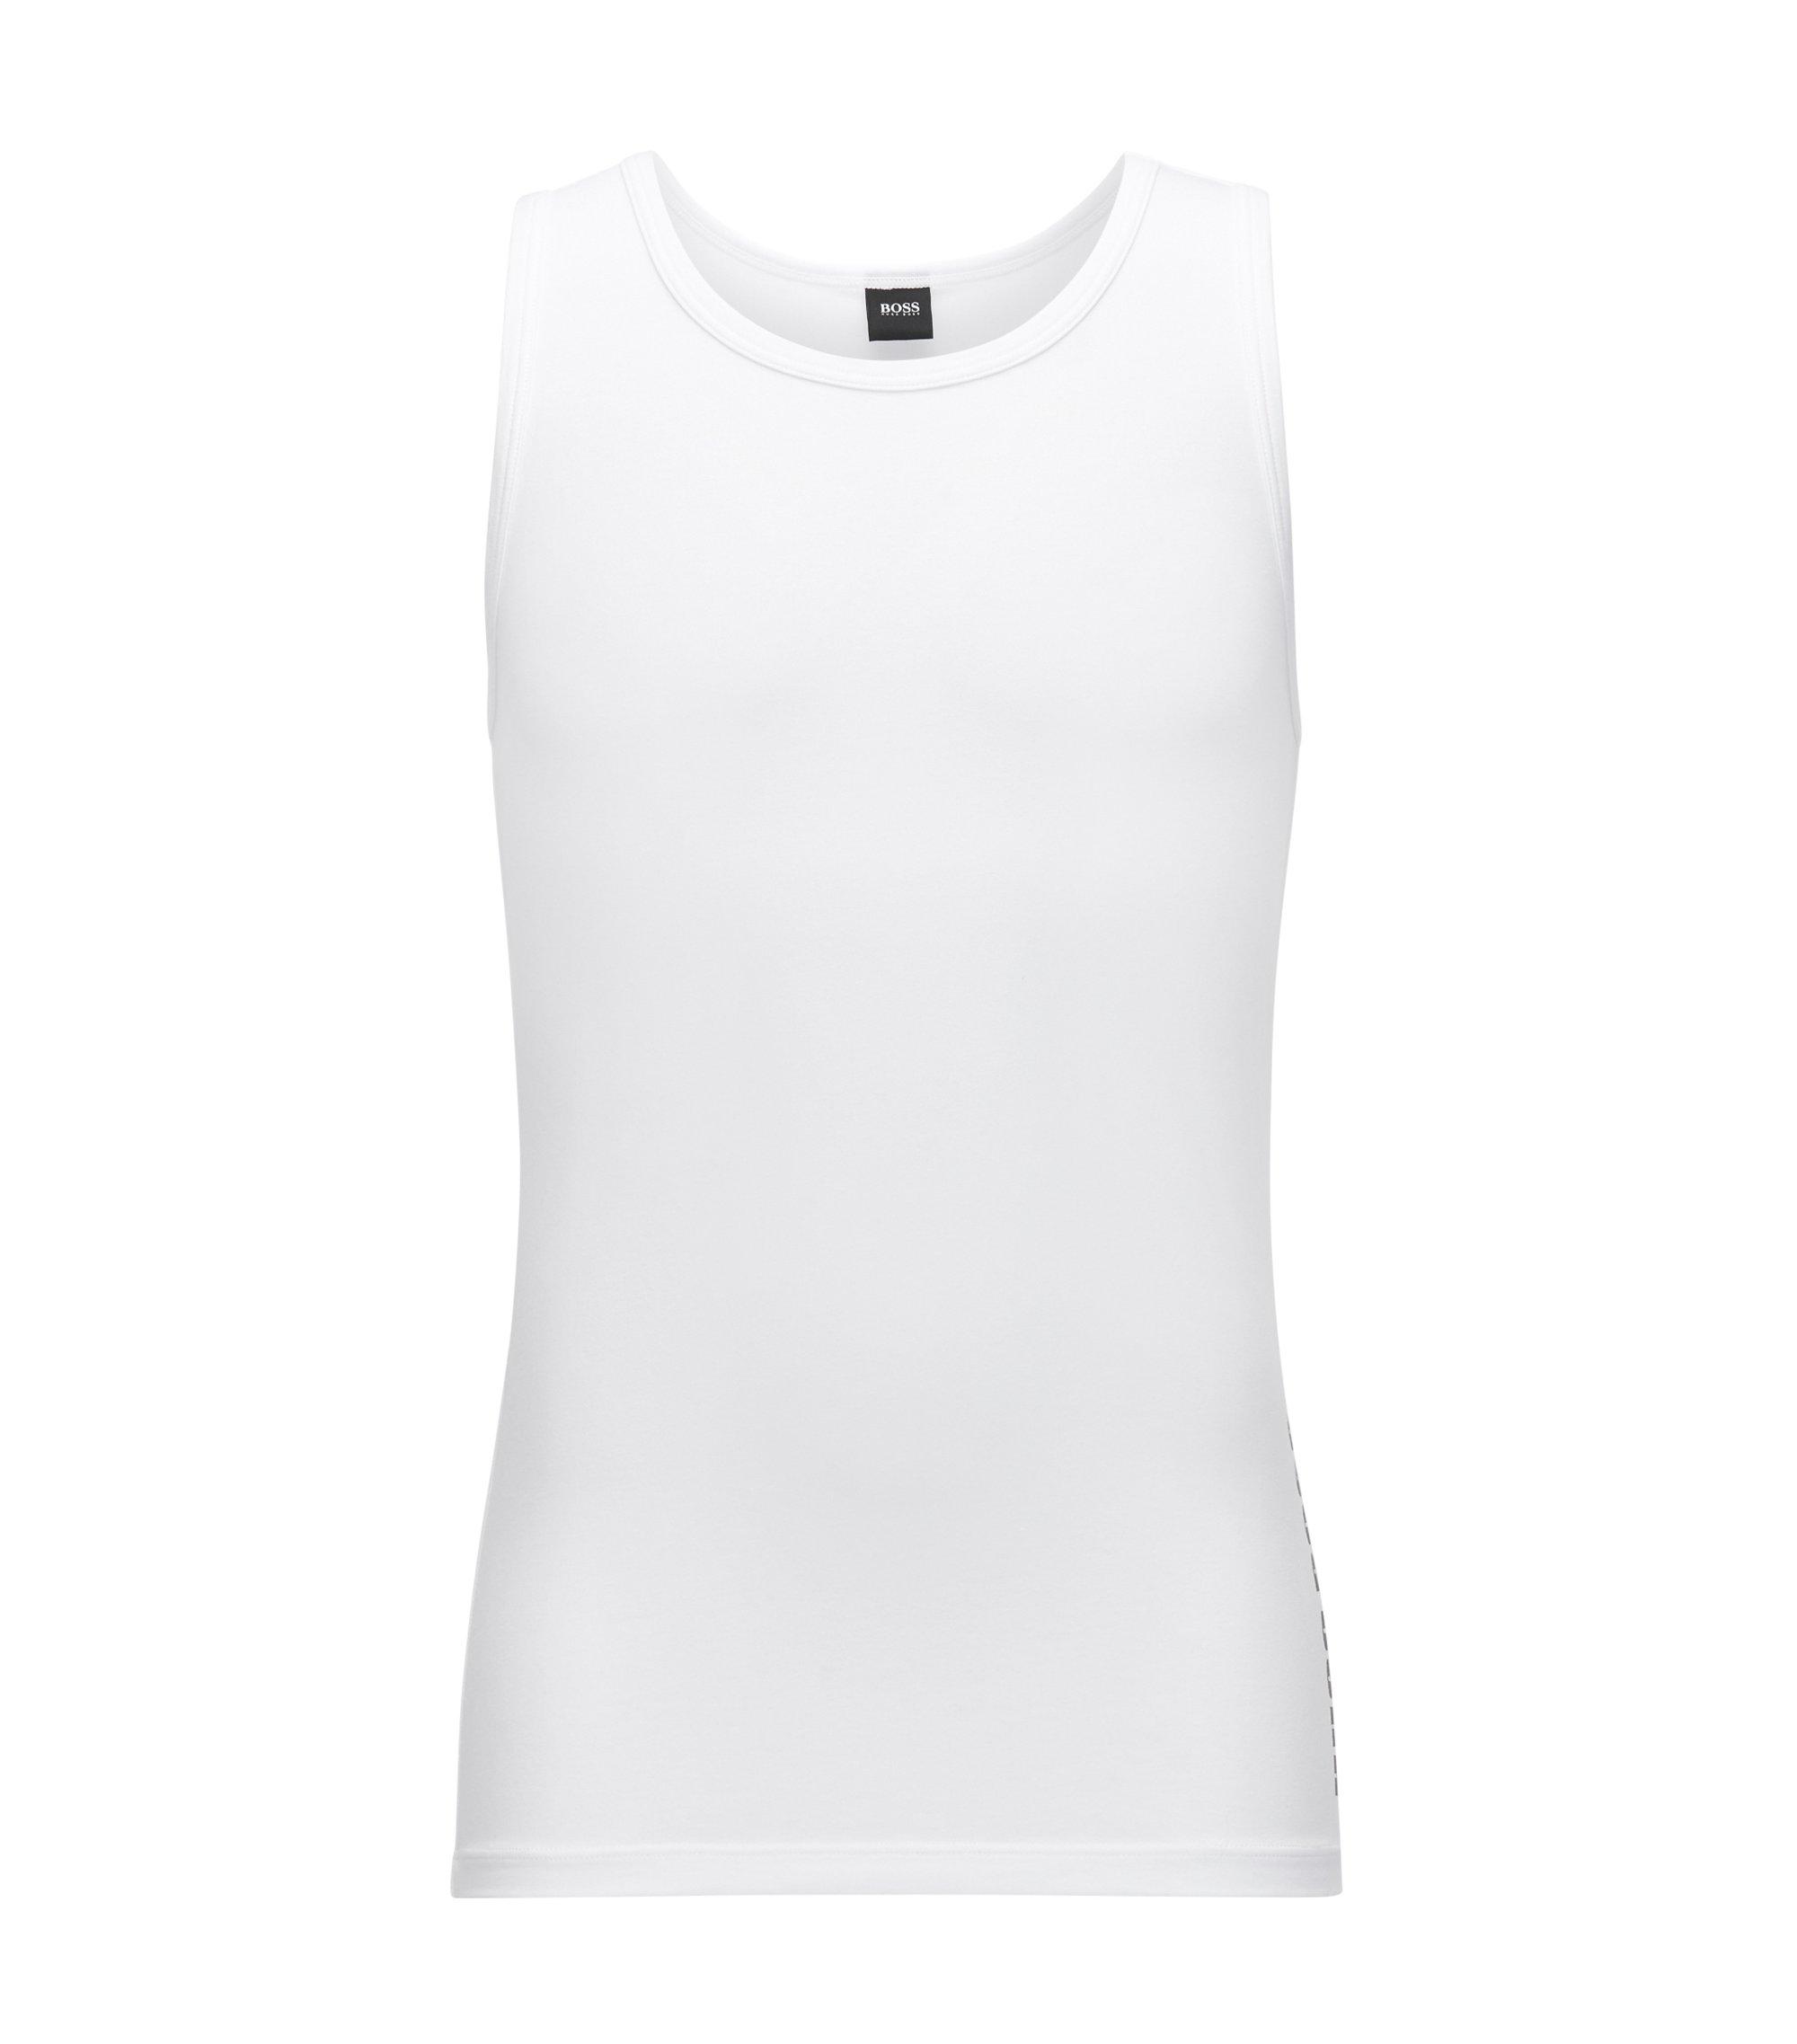 Unterhemd aus Single-Jersey mit tiefem Rundhalsausschnitt und Logo-Print, Weiß